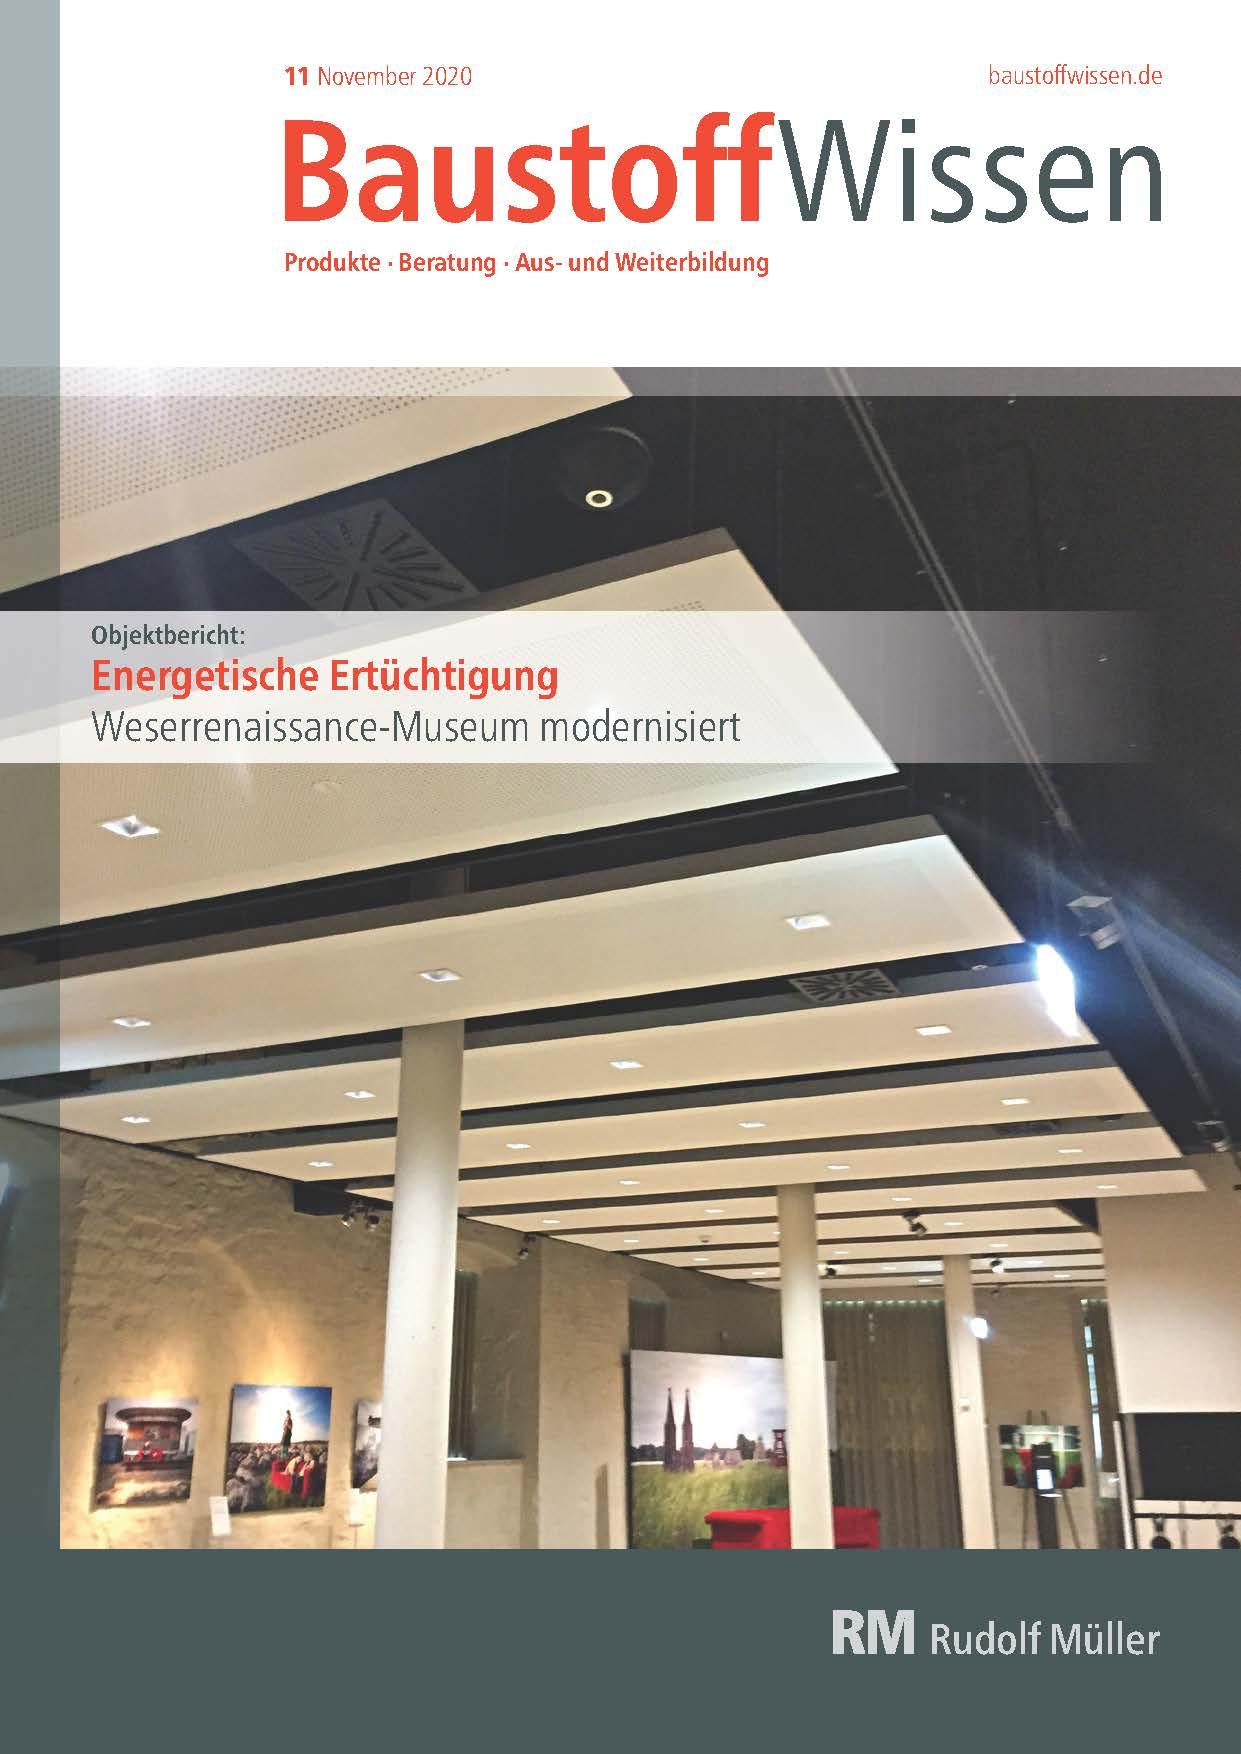 BaustoffWissen Ausgabe 11/2020